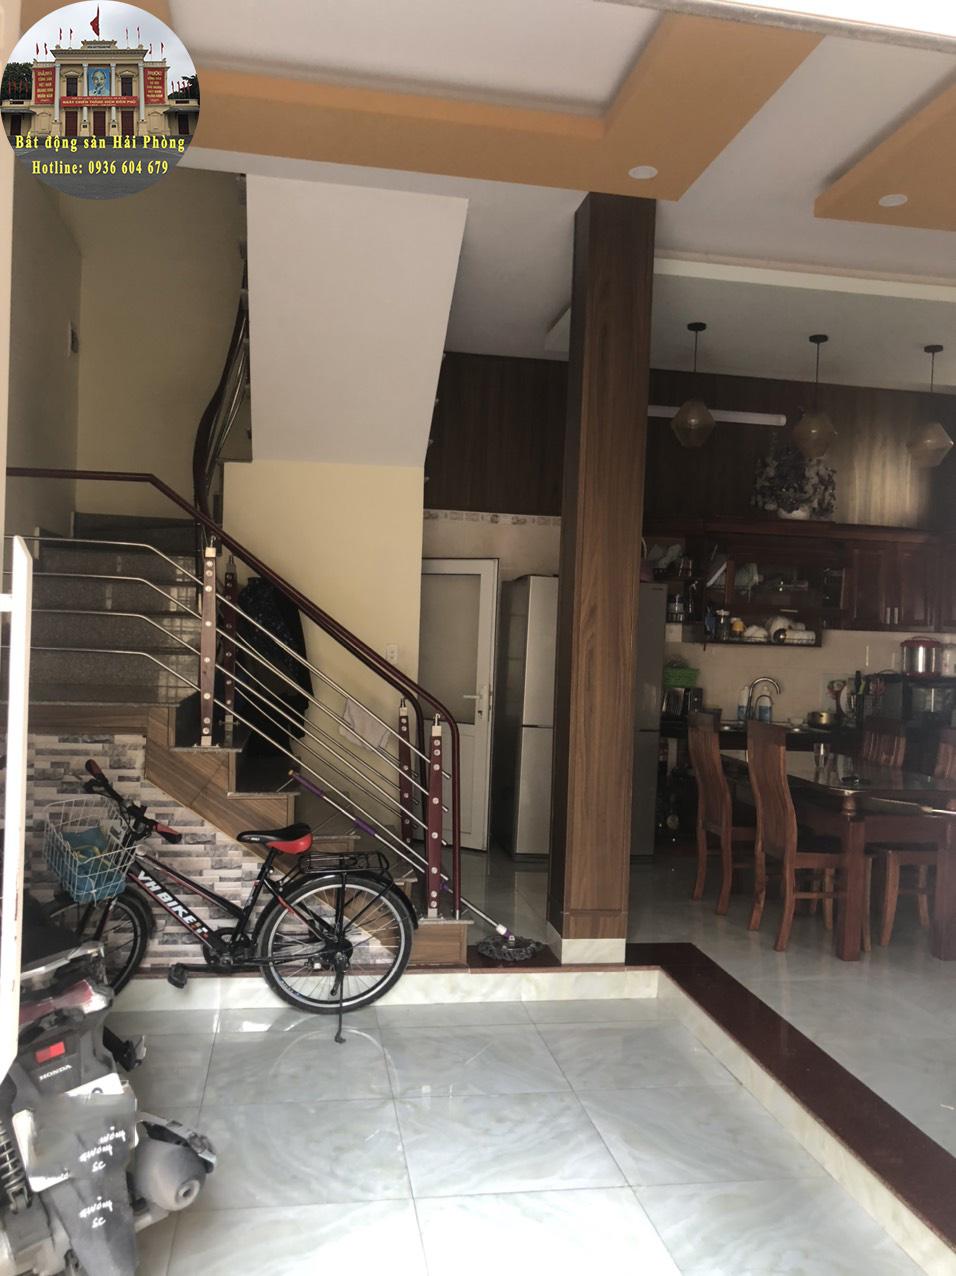 Bán nhà 4 tầng mặt ngõ đường Phương Lưu, Đông Hải 1, Hải An, Hải Phòng